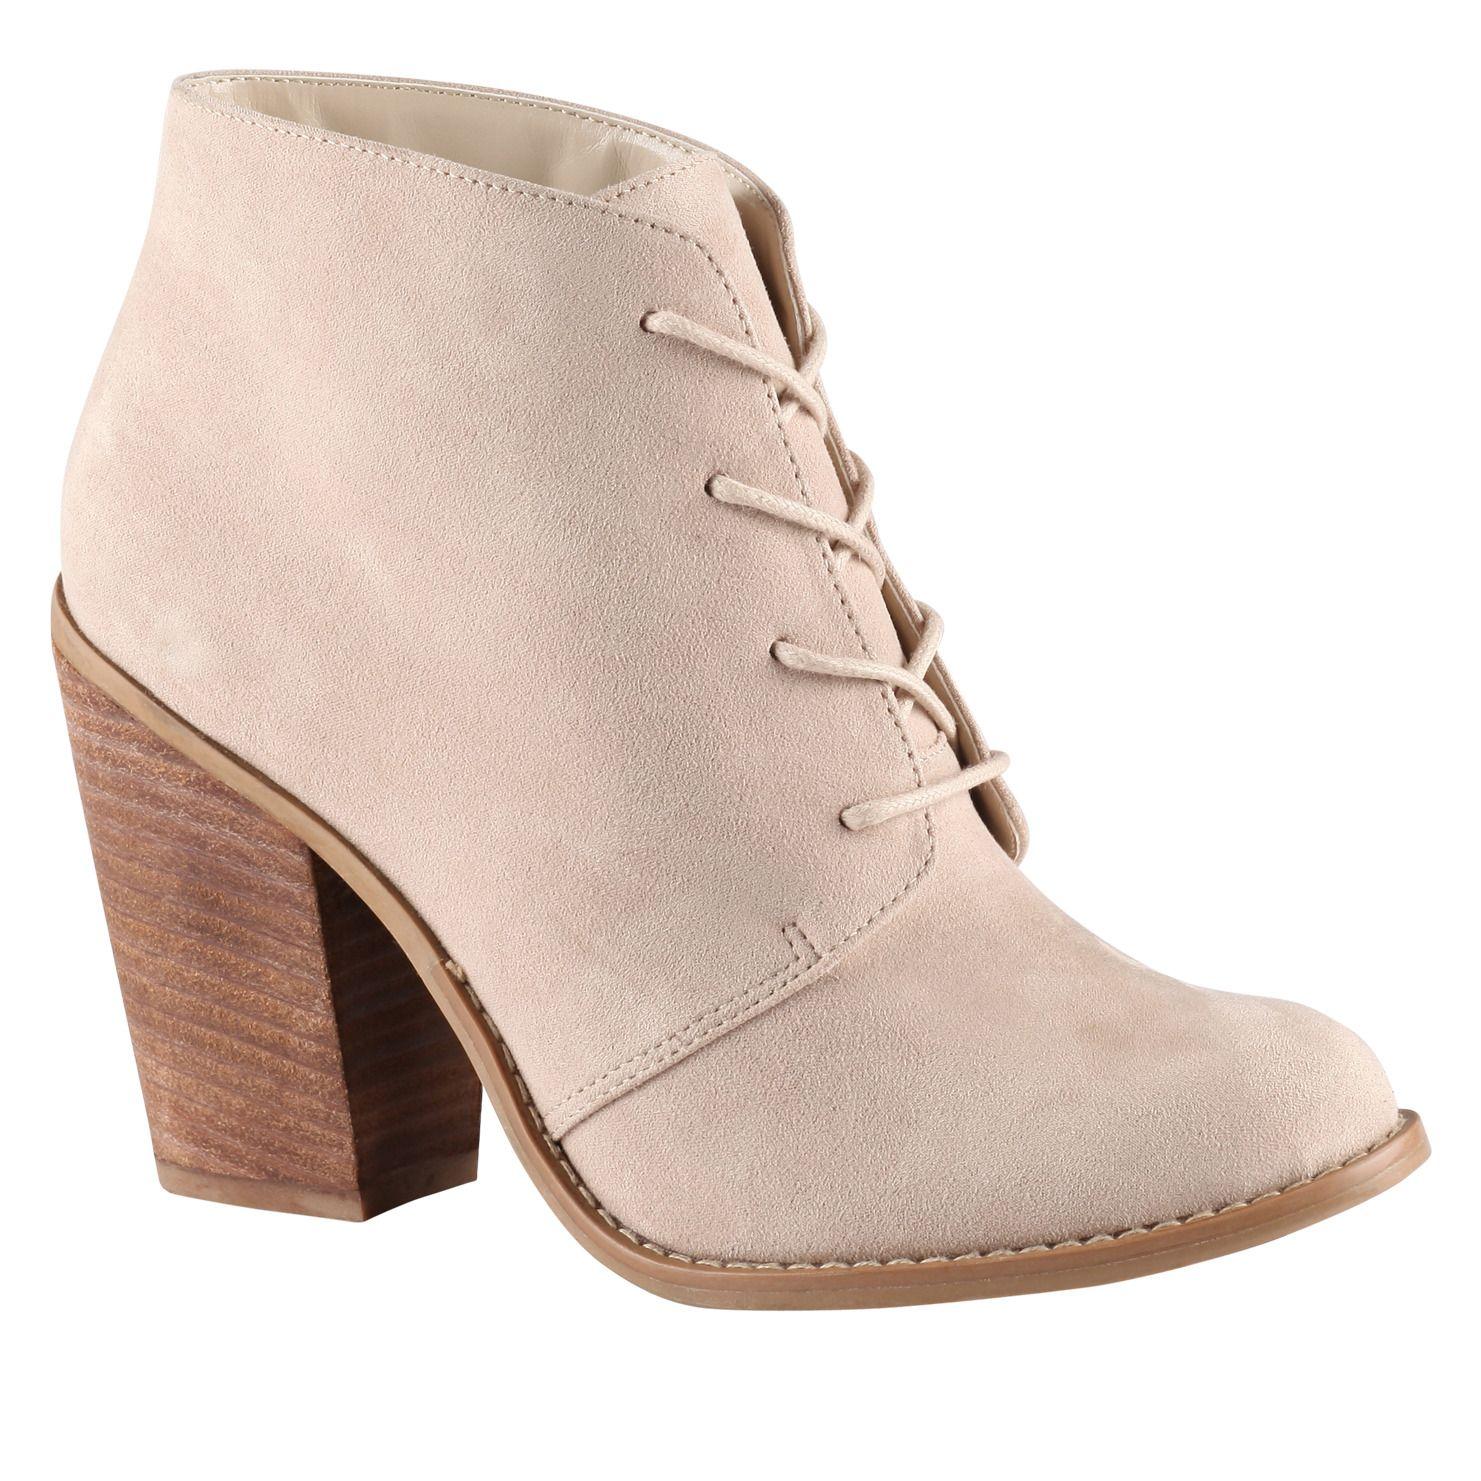 chaussures élégantes sélectionner pour le dédouanement magasin discount Magasinez BOROVSKY, bottes bottillons pour femmes chez CALL ...